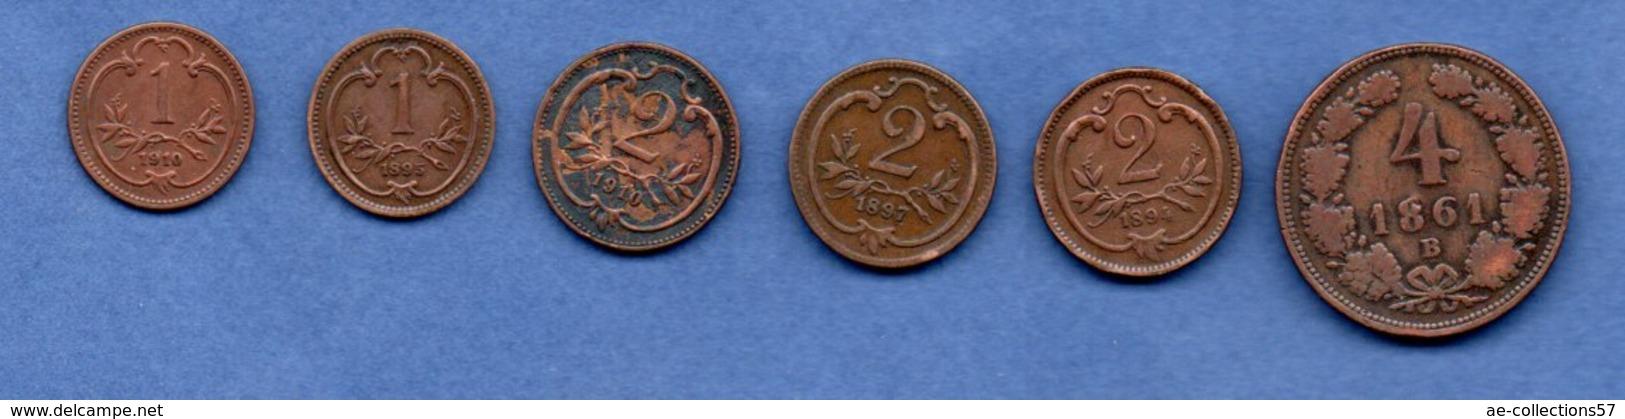 Autriche -  Lot De 6 Monnaies - Autriche